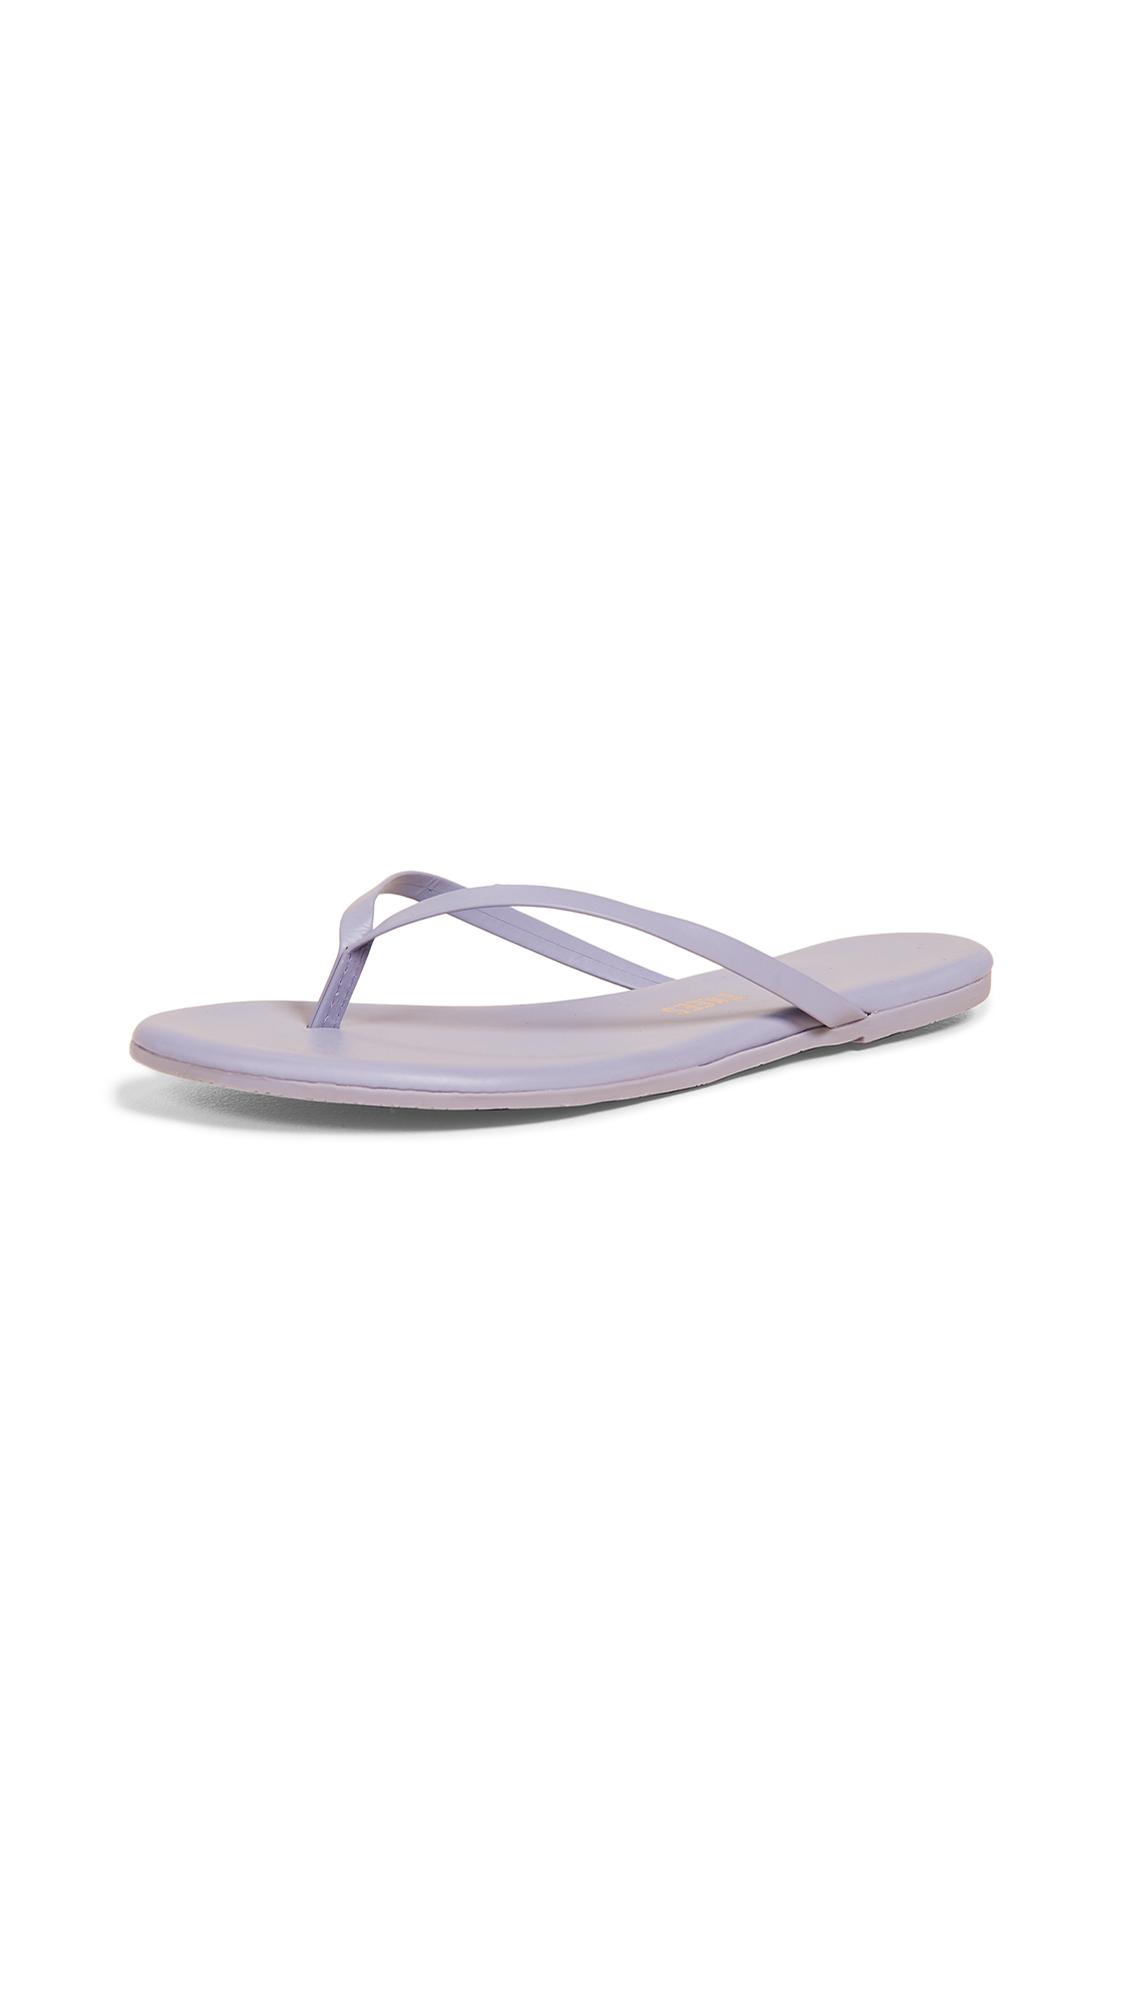 TKEES Solids Flip Flops - No. 12